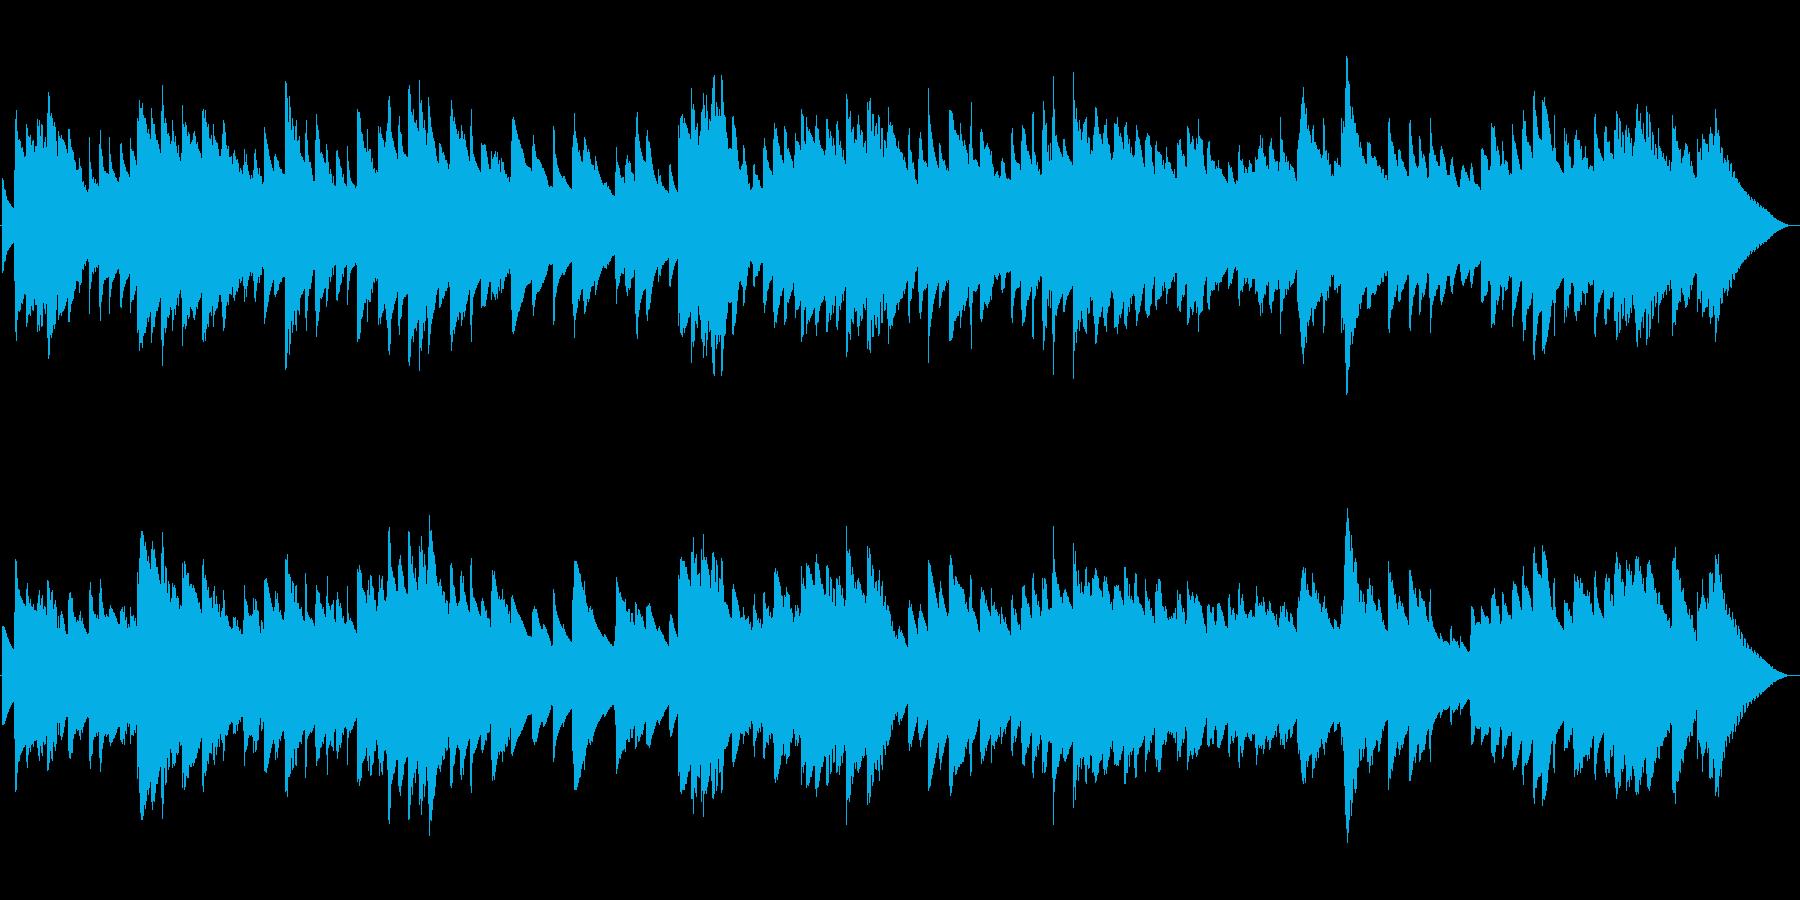 ショパンの別れの曲オルゴール風の再生済みの波形